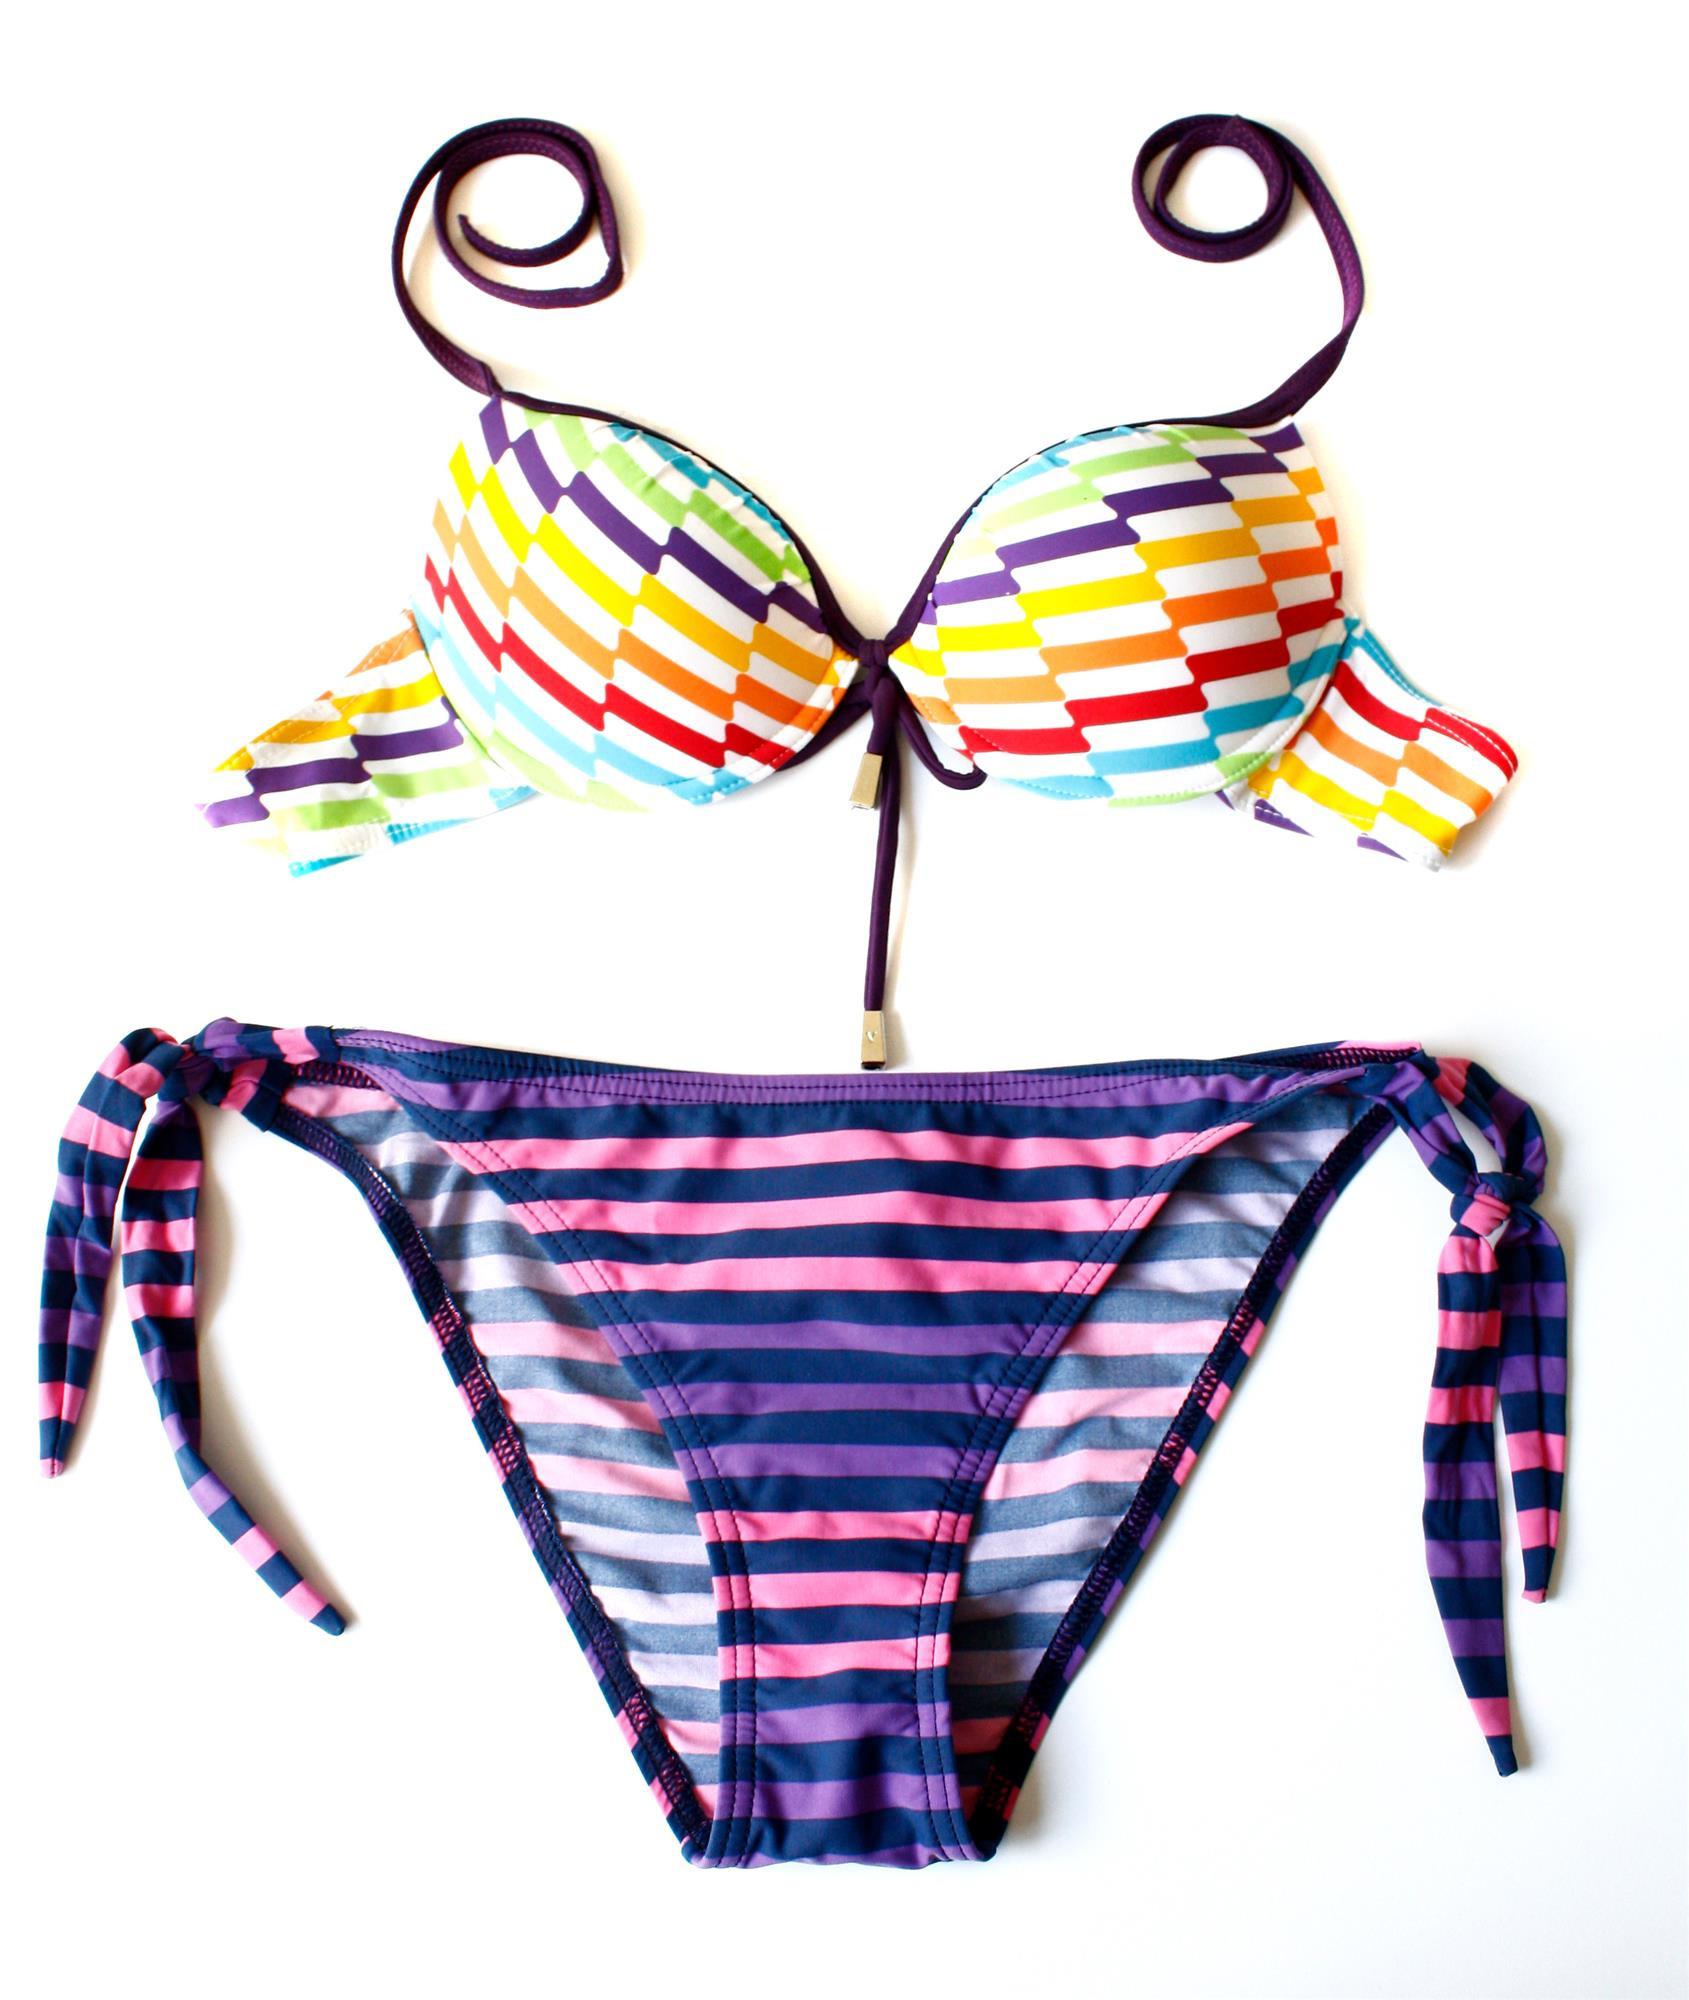 Dámské plavky Michelle P132 - Verano Barva: fialová, Velikost: 36/38